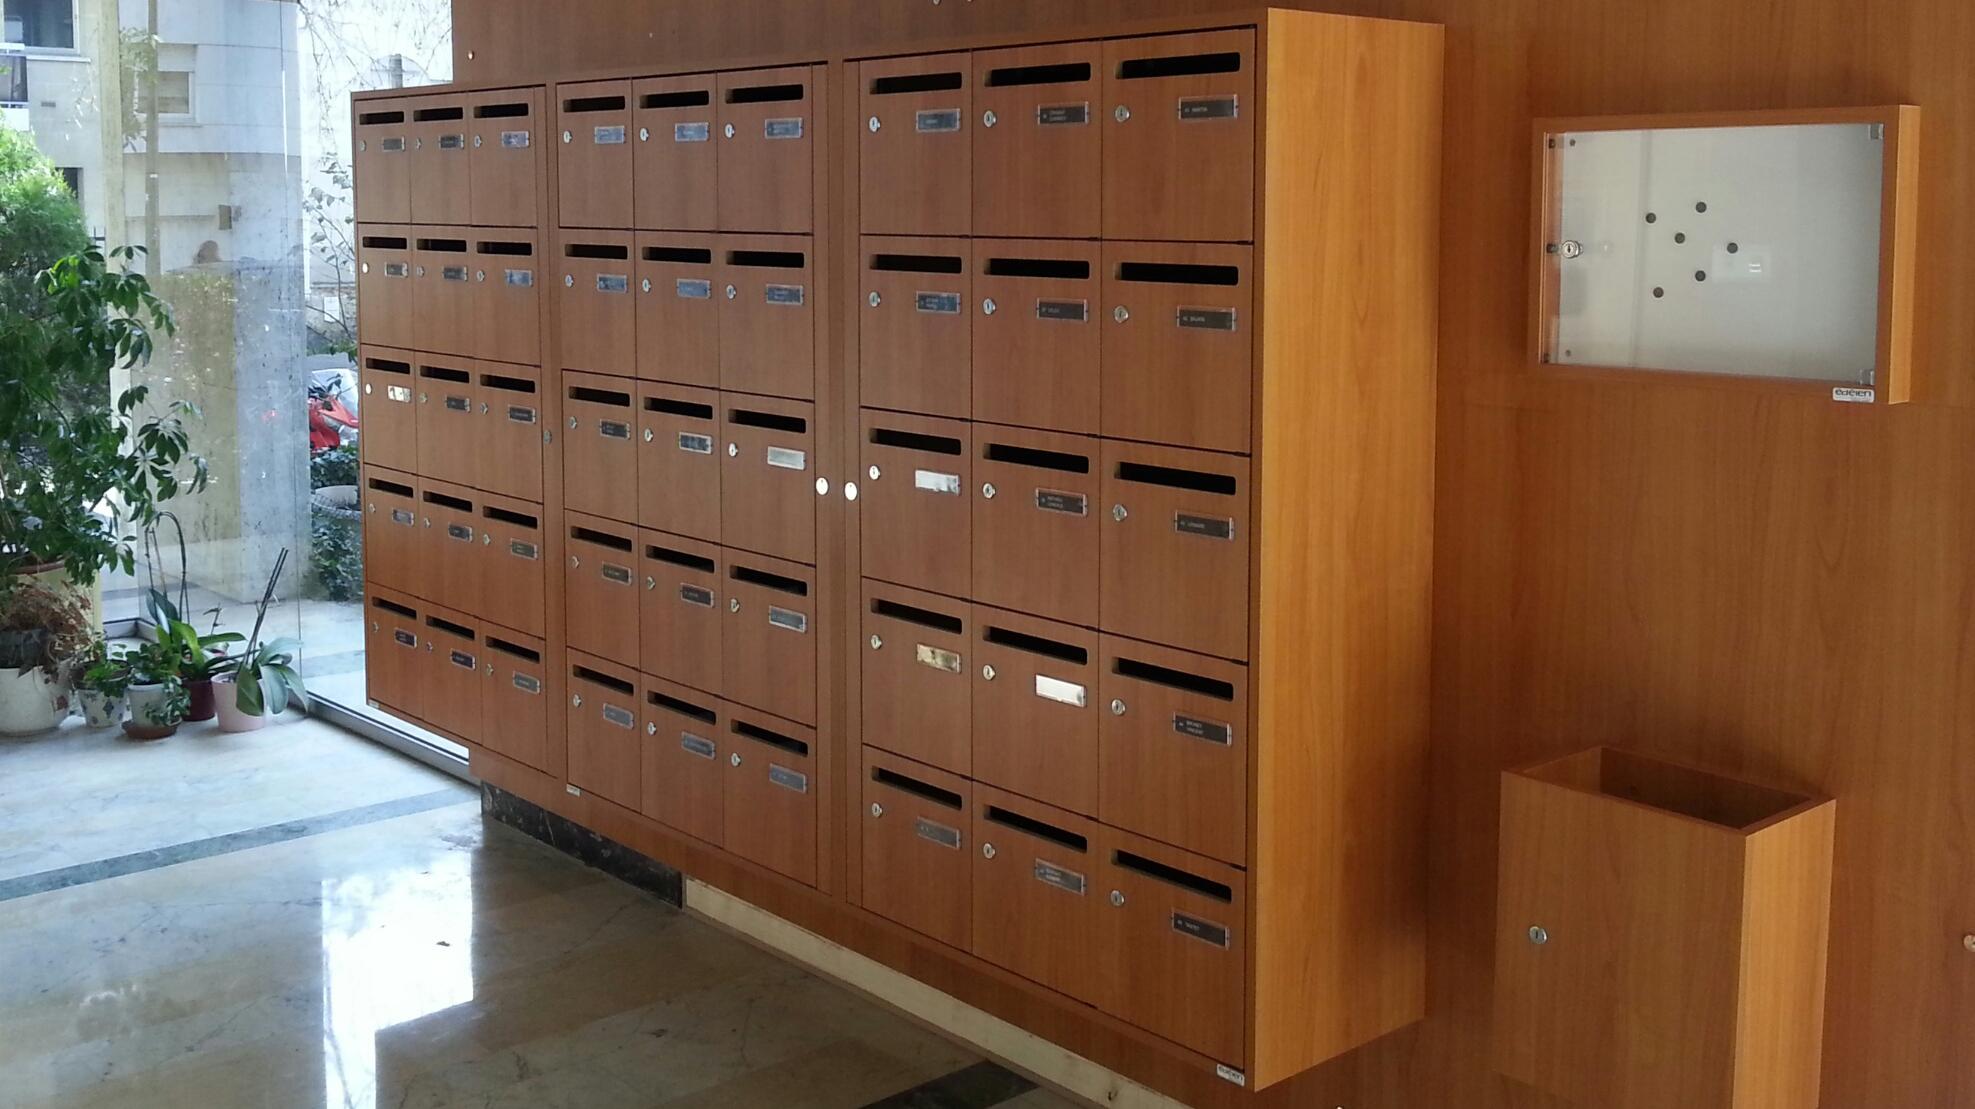 Boites aux lettres collectives en bois hall d'immeuble